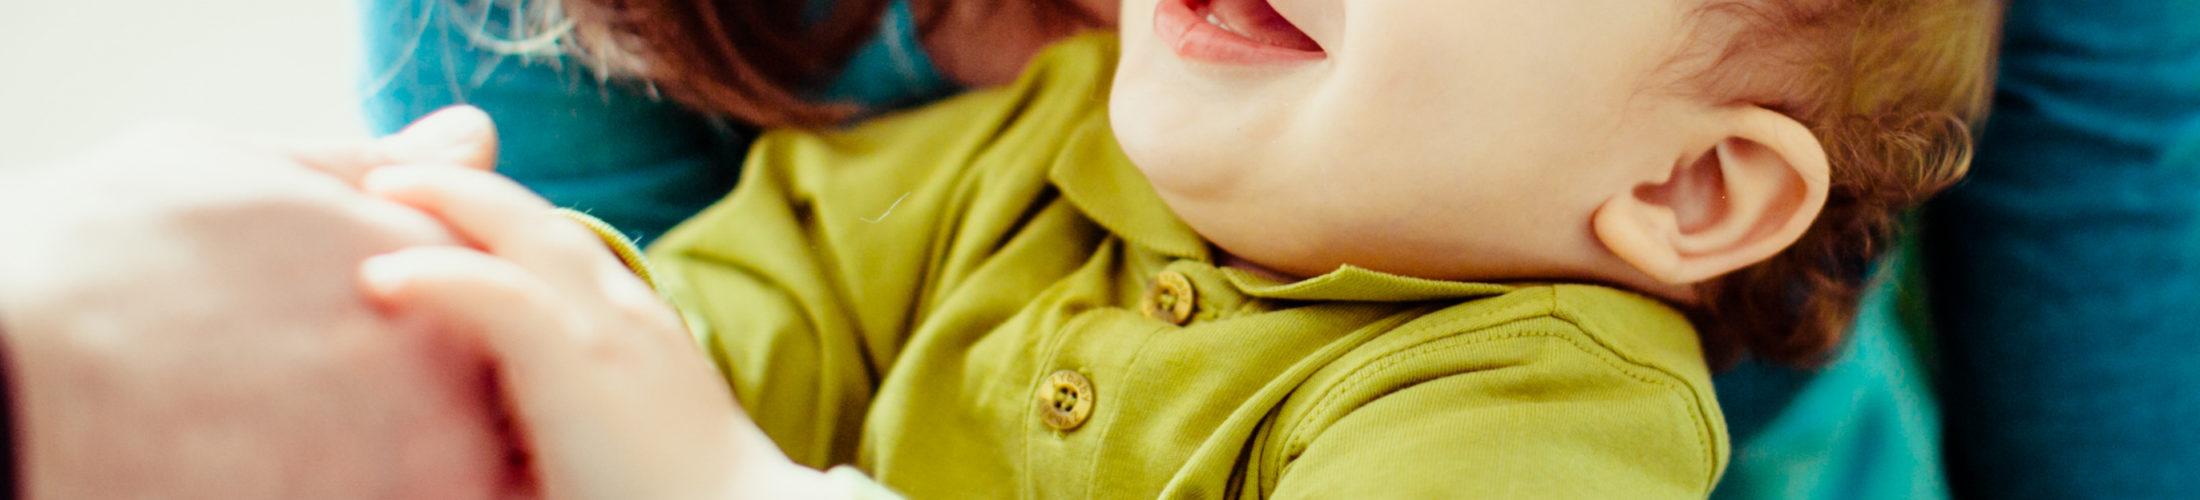 Relais Assistances Maternelles  Crée en 2005, le Relais Assistantes Maternelles (RAM) est géré par la Communauté de Communes du Pays du 1